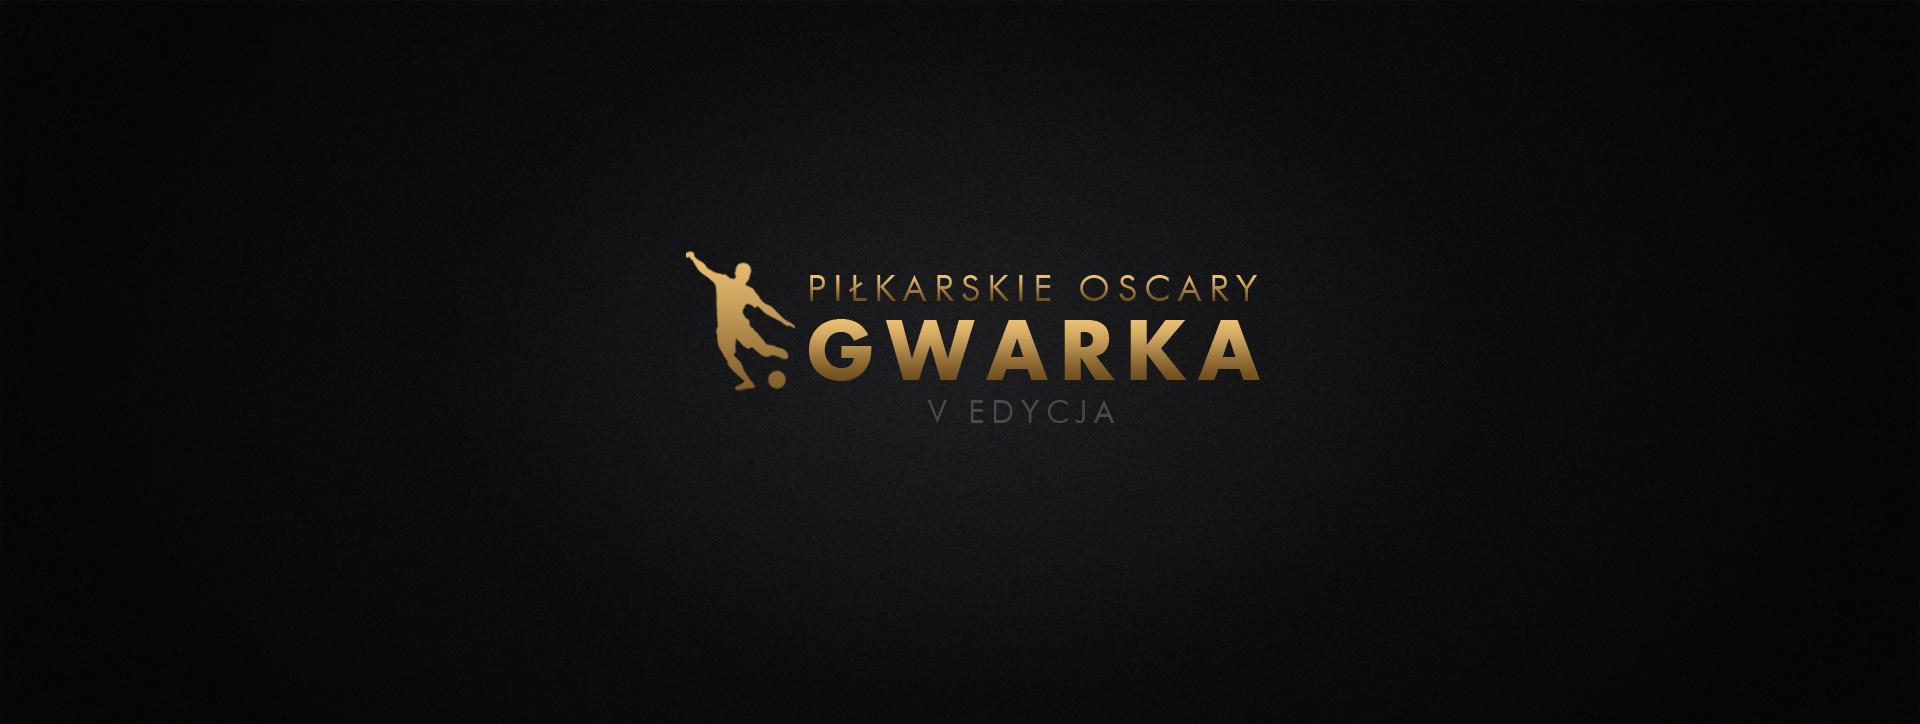 """""""Piłkarskie Oscary Gwarka"""" po raz piąty! Wybieramy najlepszych zawodników 2019 roku!"""